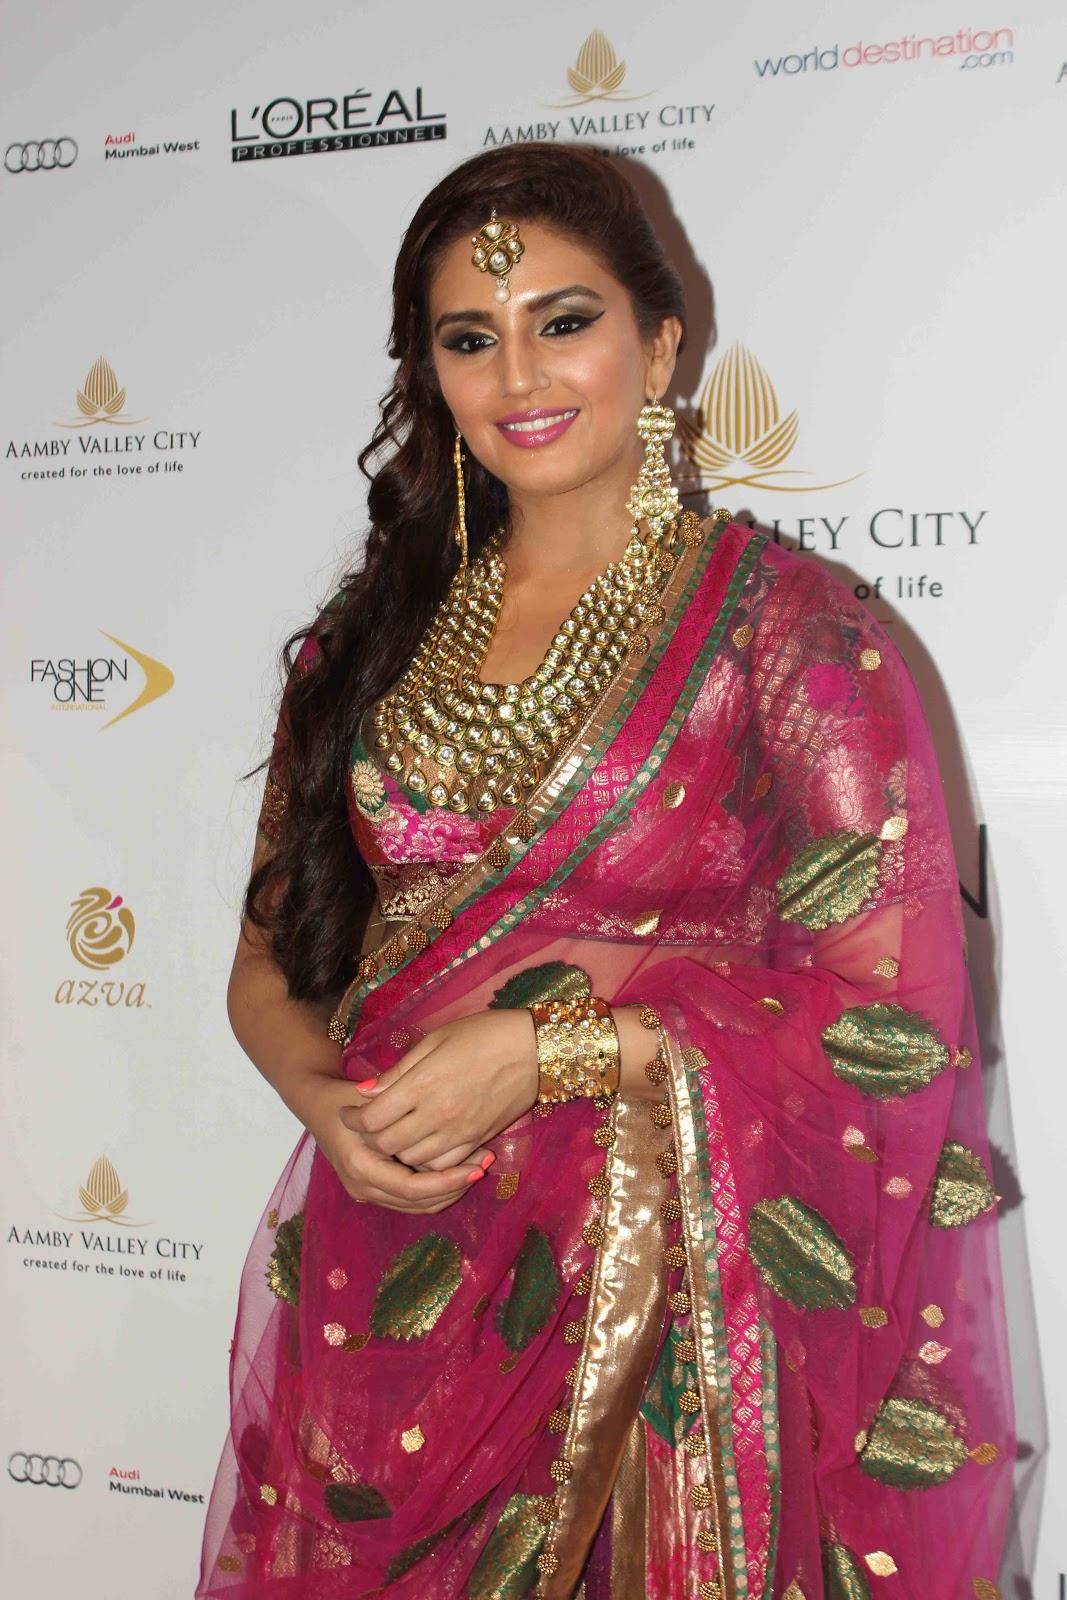 HD Images of Huma Qureshi at India Bridal Fashion Week (IBFW) Aamby Valley